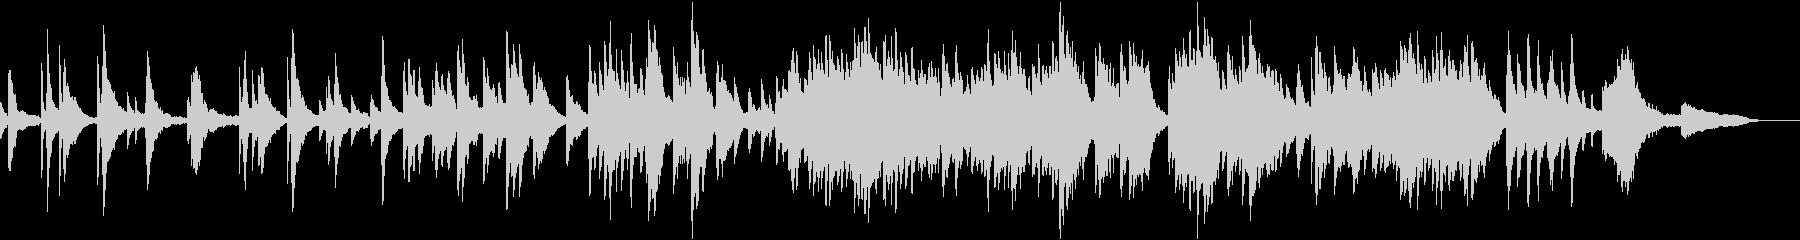 映像・ナレーション用ピアノ演奏(広がり)の未再生の波形